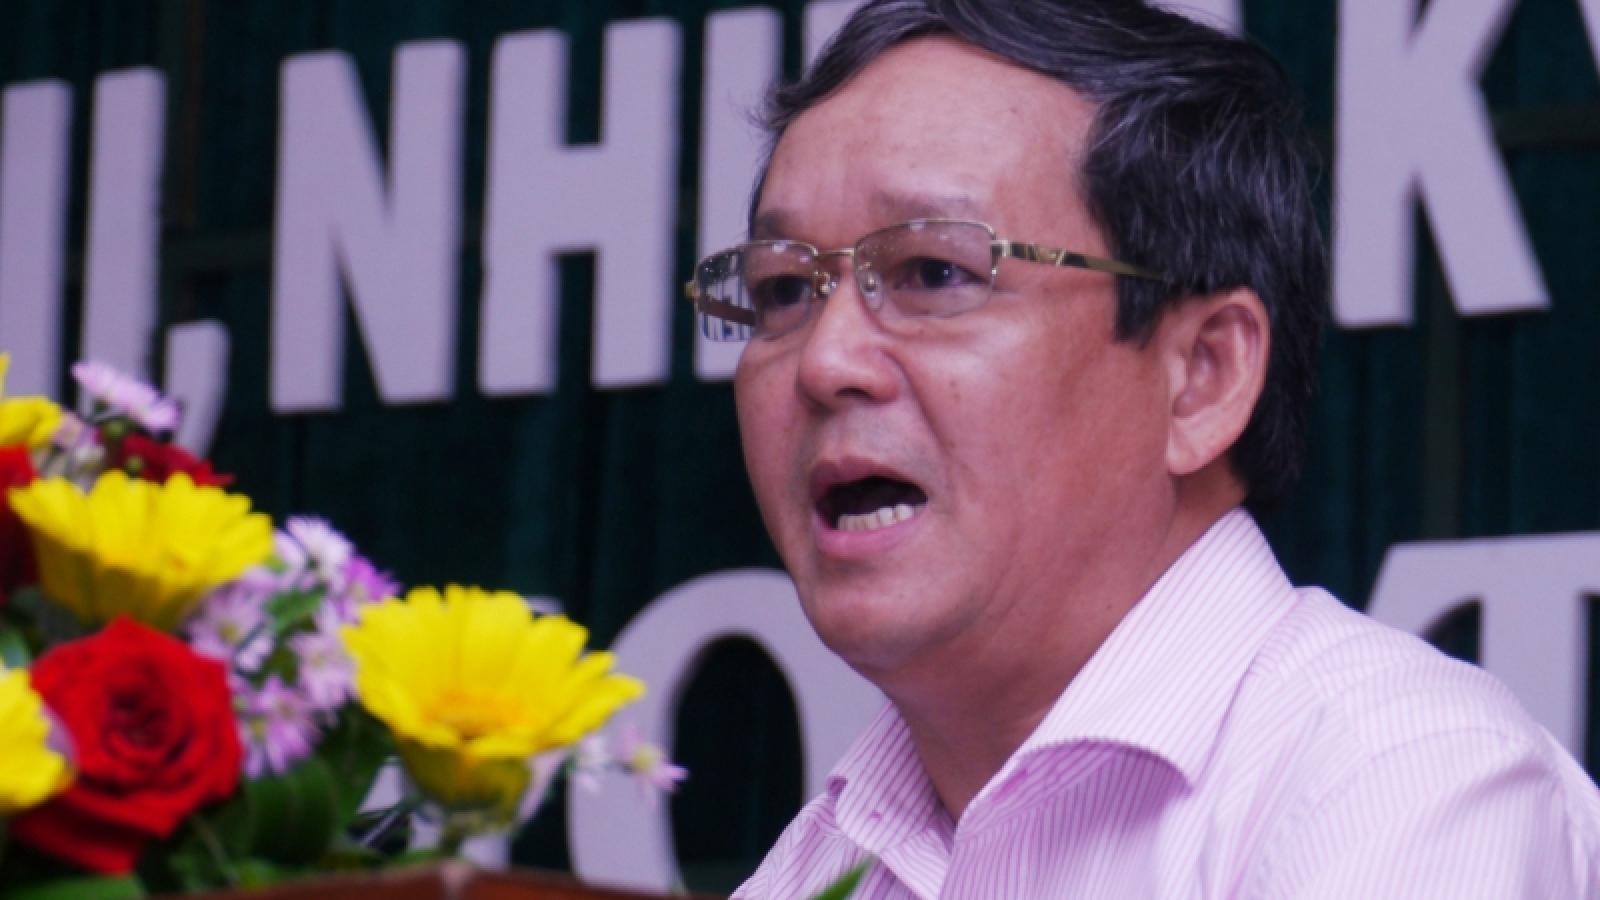 Đi chơi golf trong giãn cách, Phó Cục trưởng Cục thuế tỉnh Bình Định bị miễn nhiệm